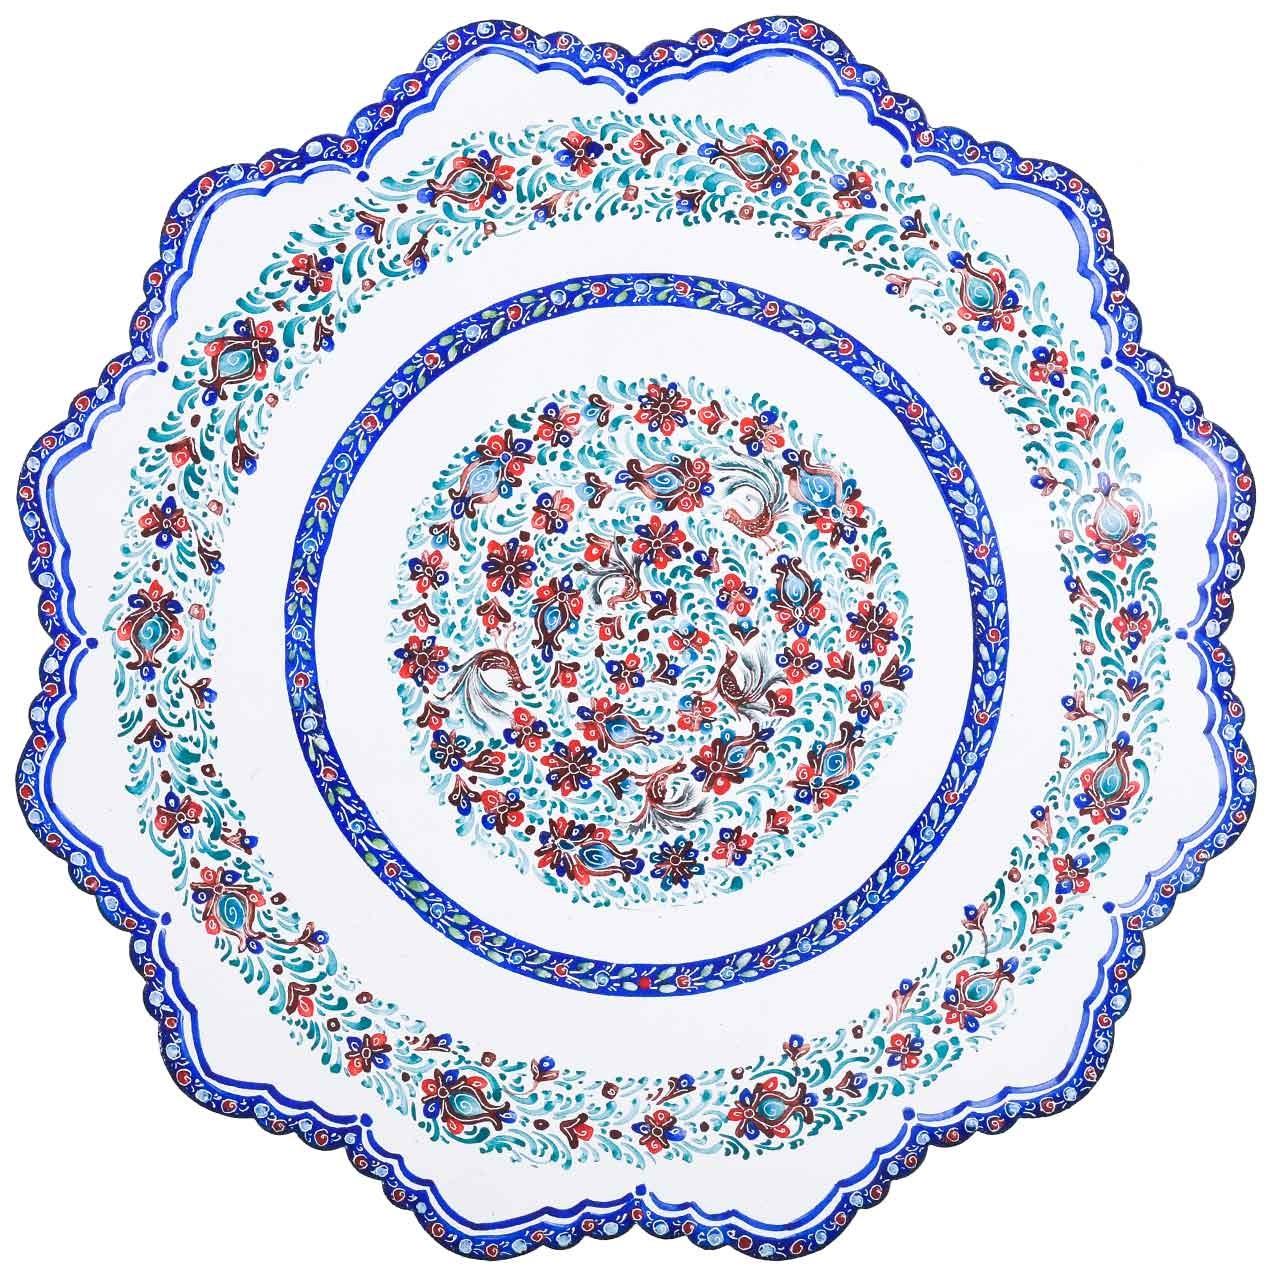 بشقاب مسی میناکاری اثر لطیفیان طرح طاووس نشان مدل 00-11 قطر 20 سانتیمتر